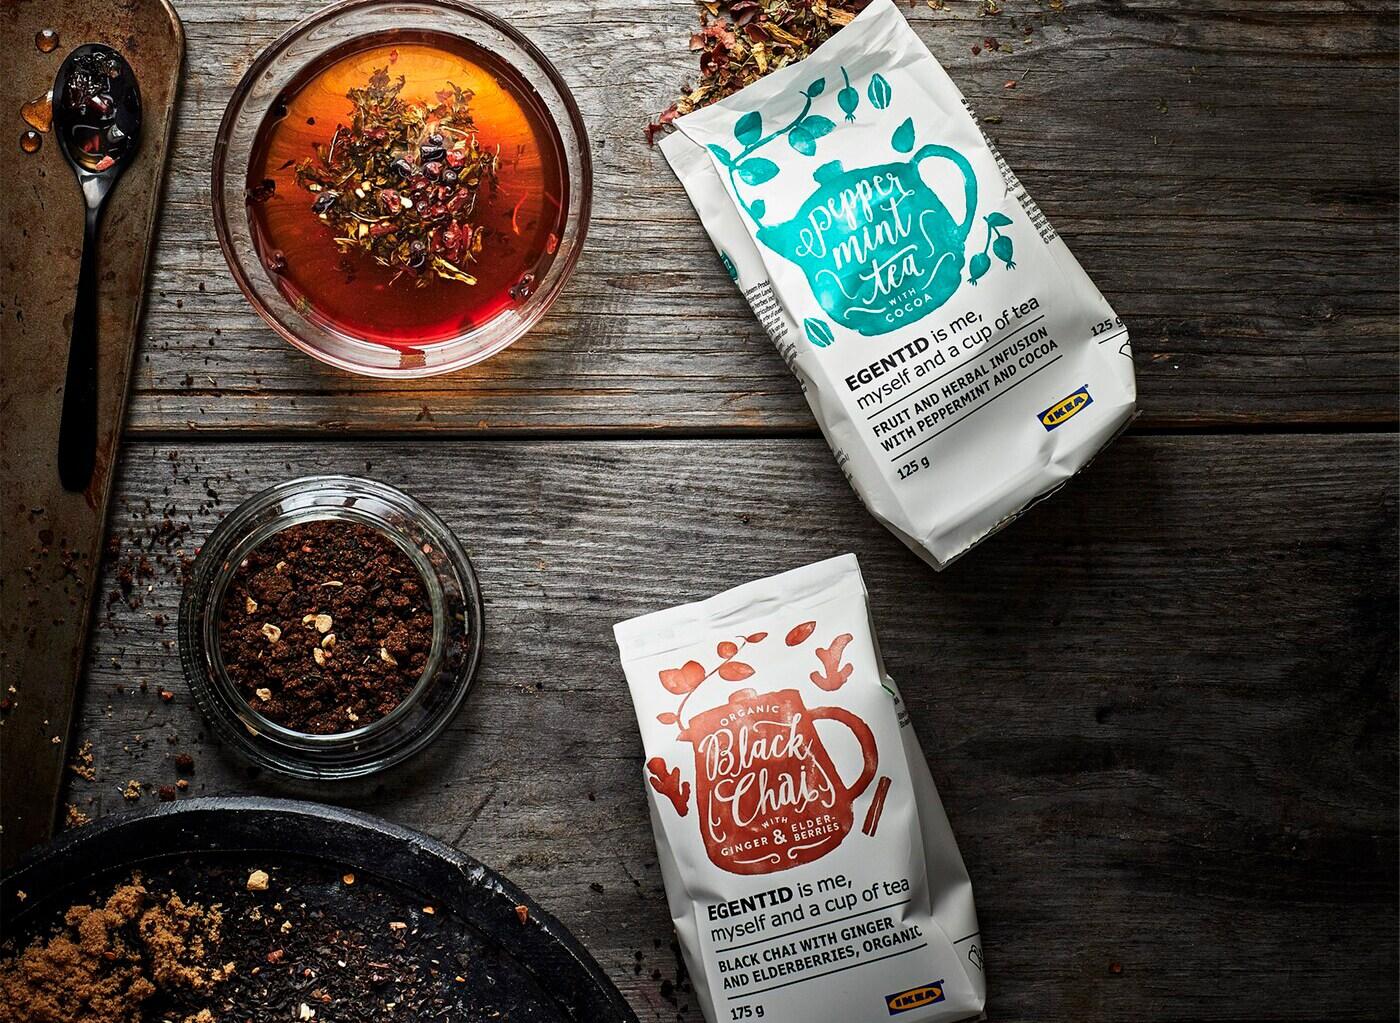 UTZ 인증을 받은 지속가능한 농법으로 재배한 EGENTID 에겐티드 차 시리즈의 커피 두 팩을 보여주는 사진